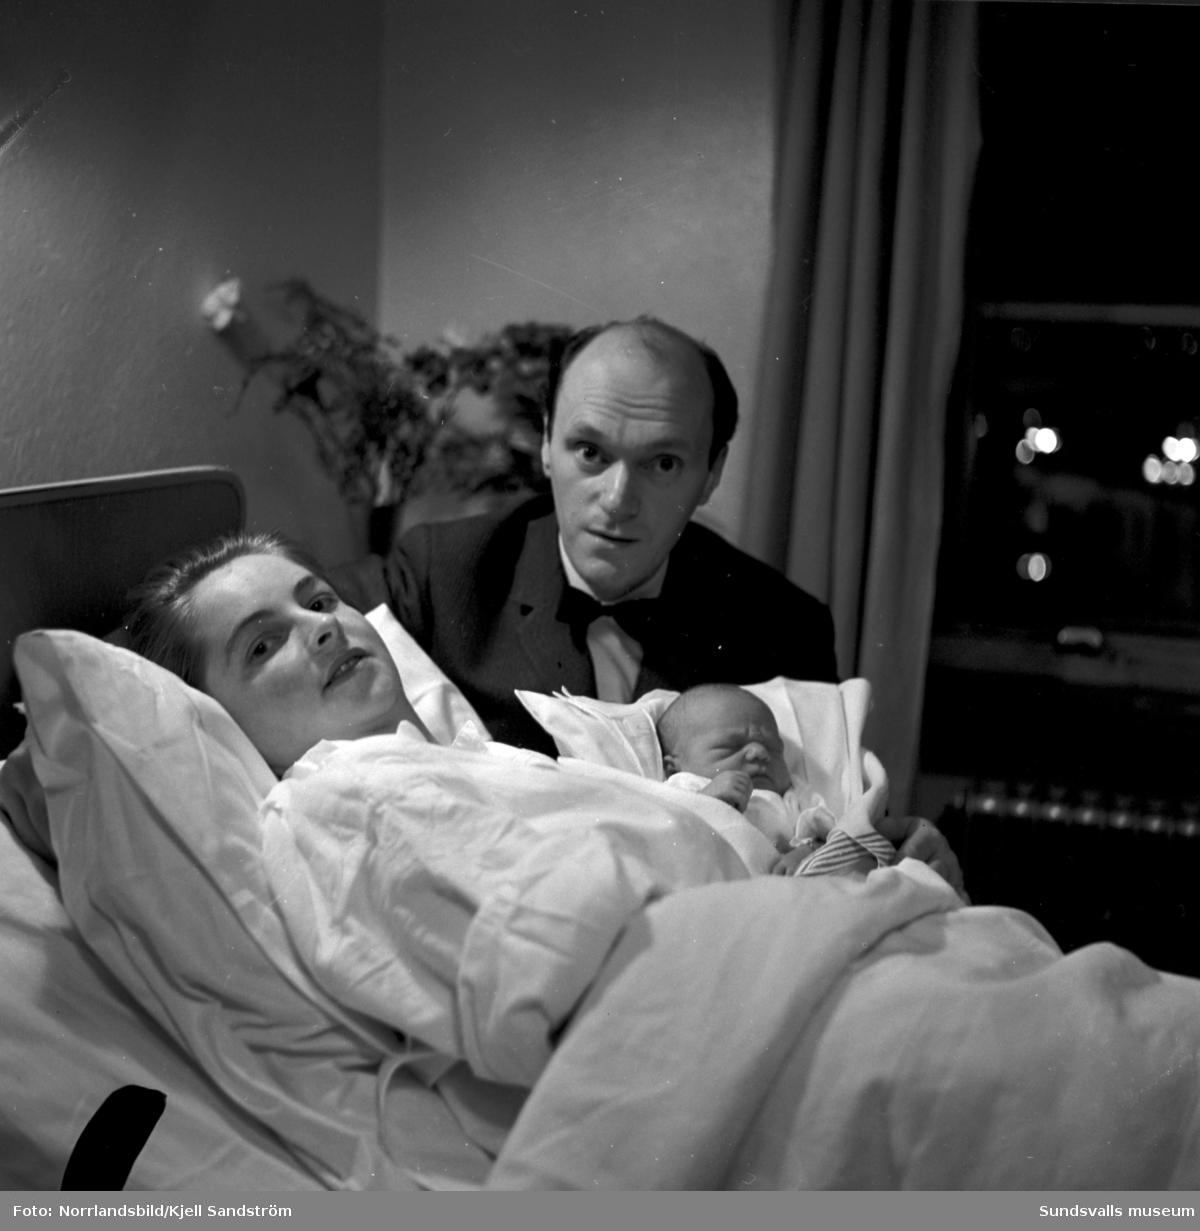 Sundsvalls lasarett, BB-avdelningen. Sista barnet 1959 och första barnet 1960.